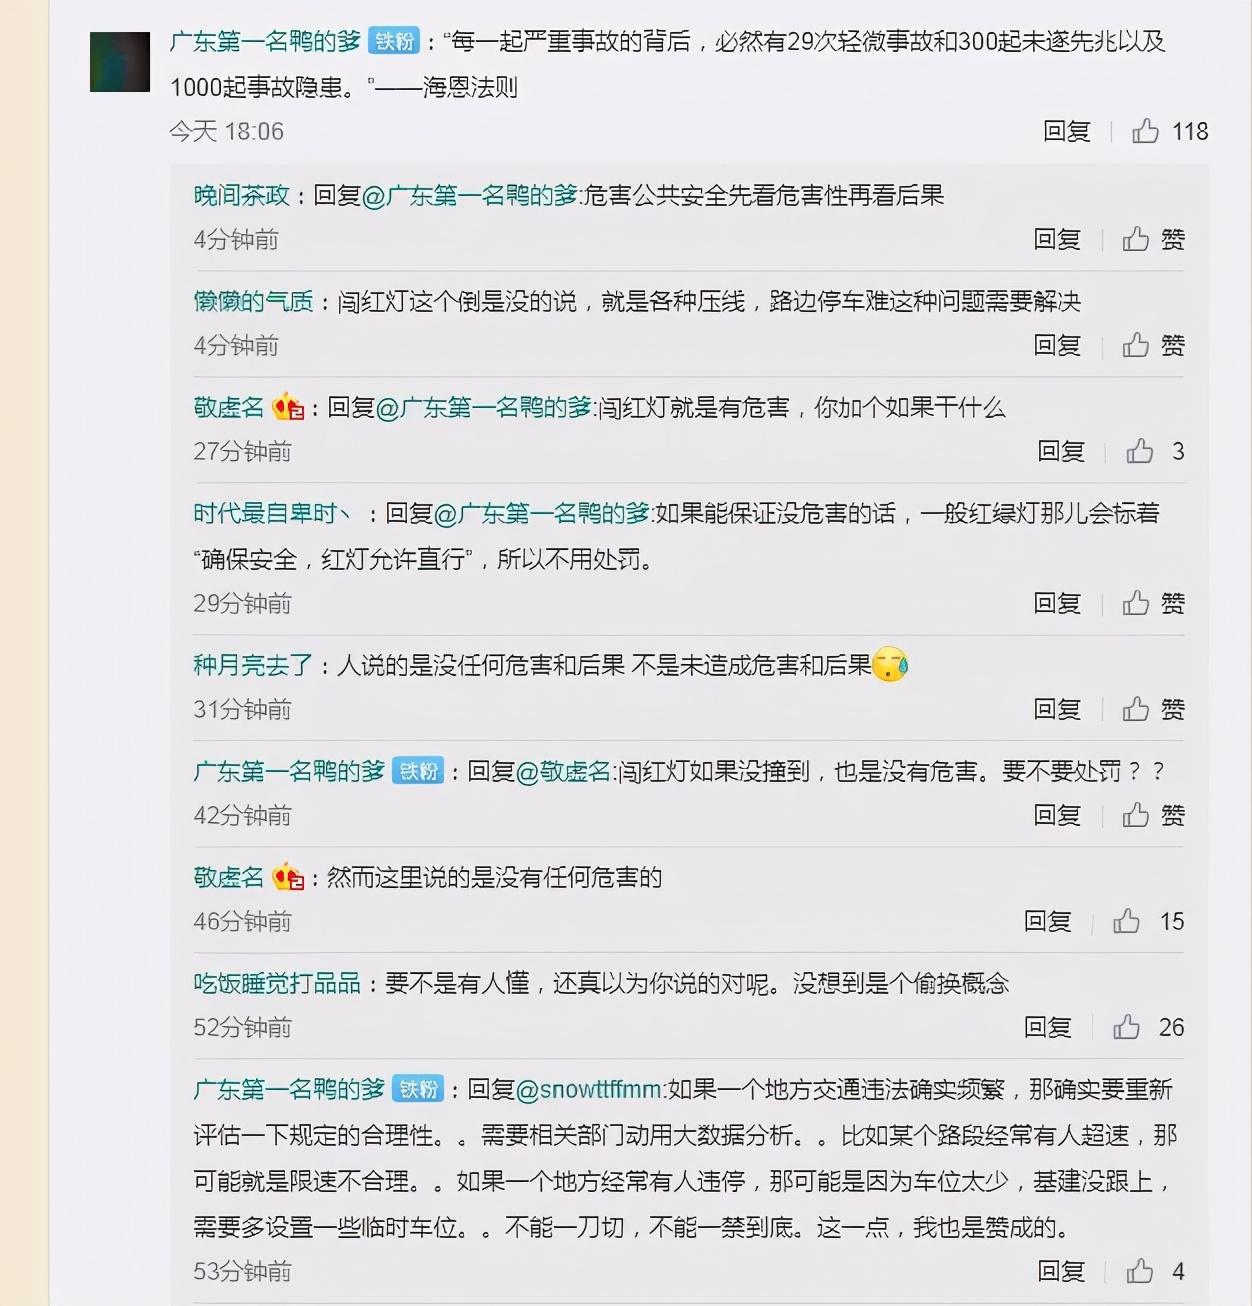 代表建议清理以罚款为目的的电子抓拍,网友在评论区吵起来了